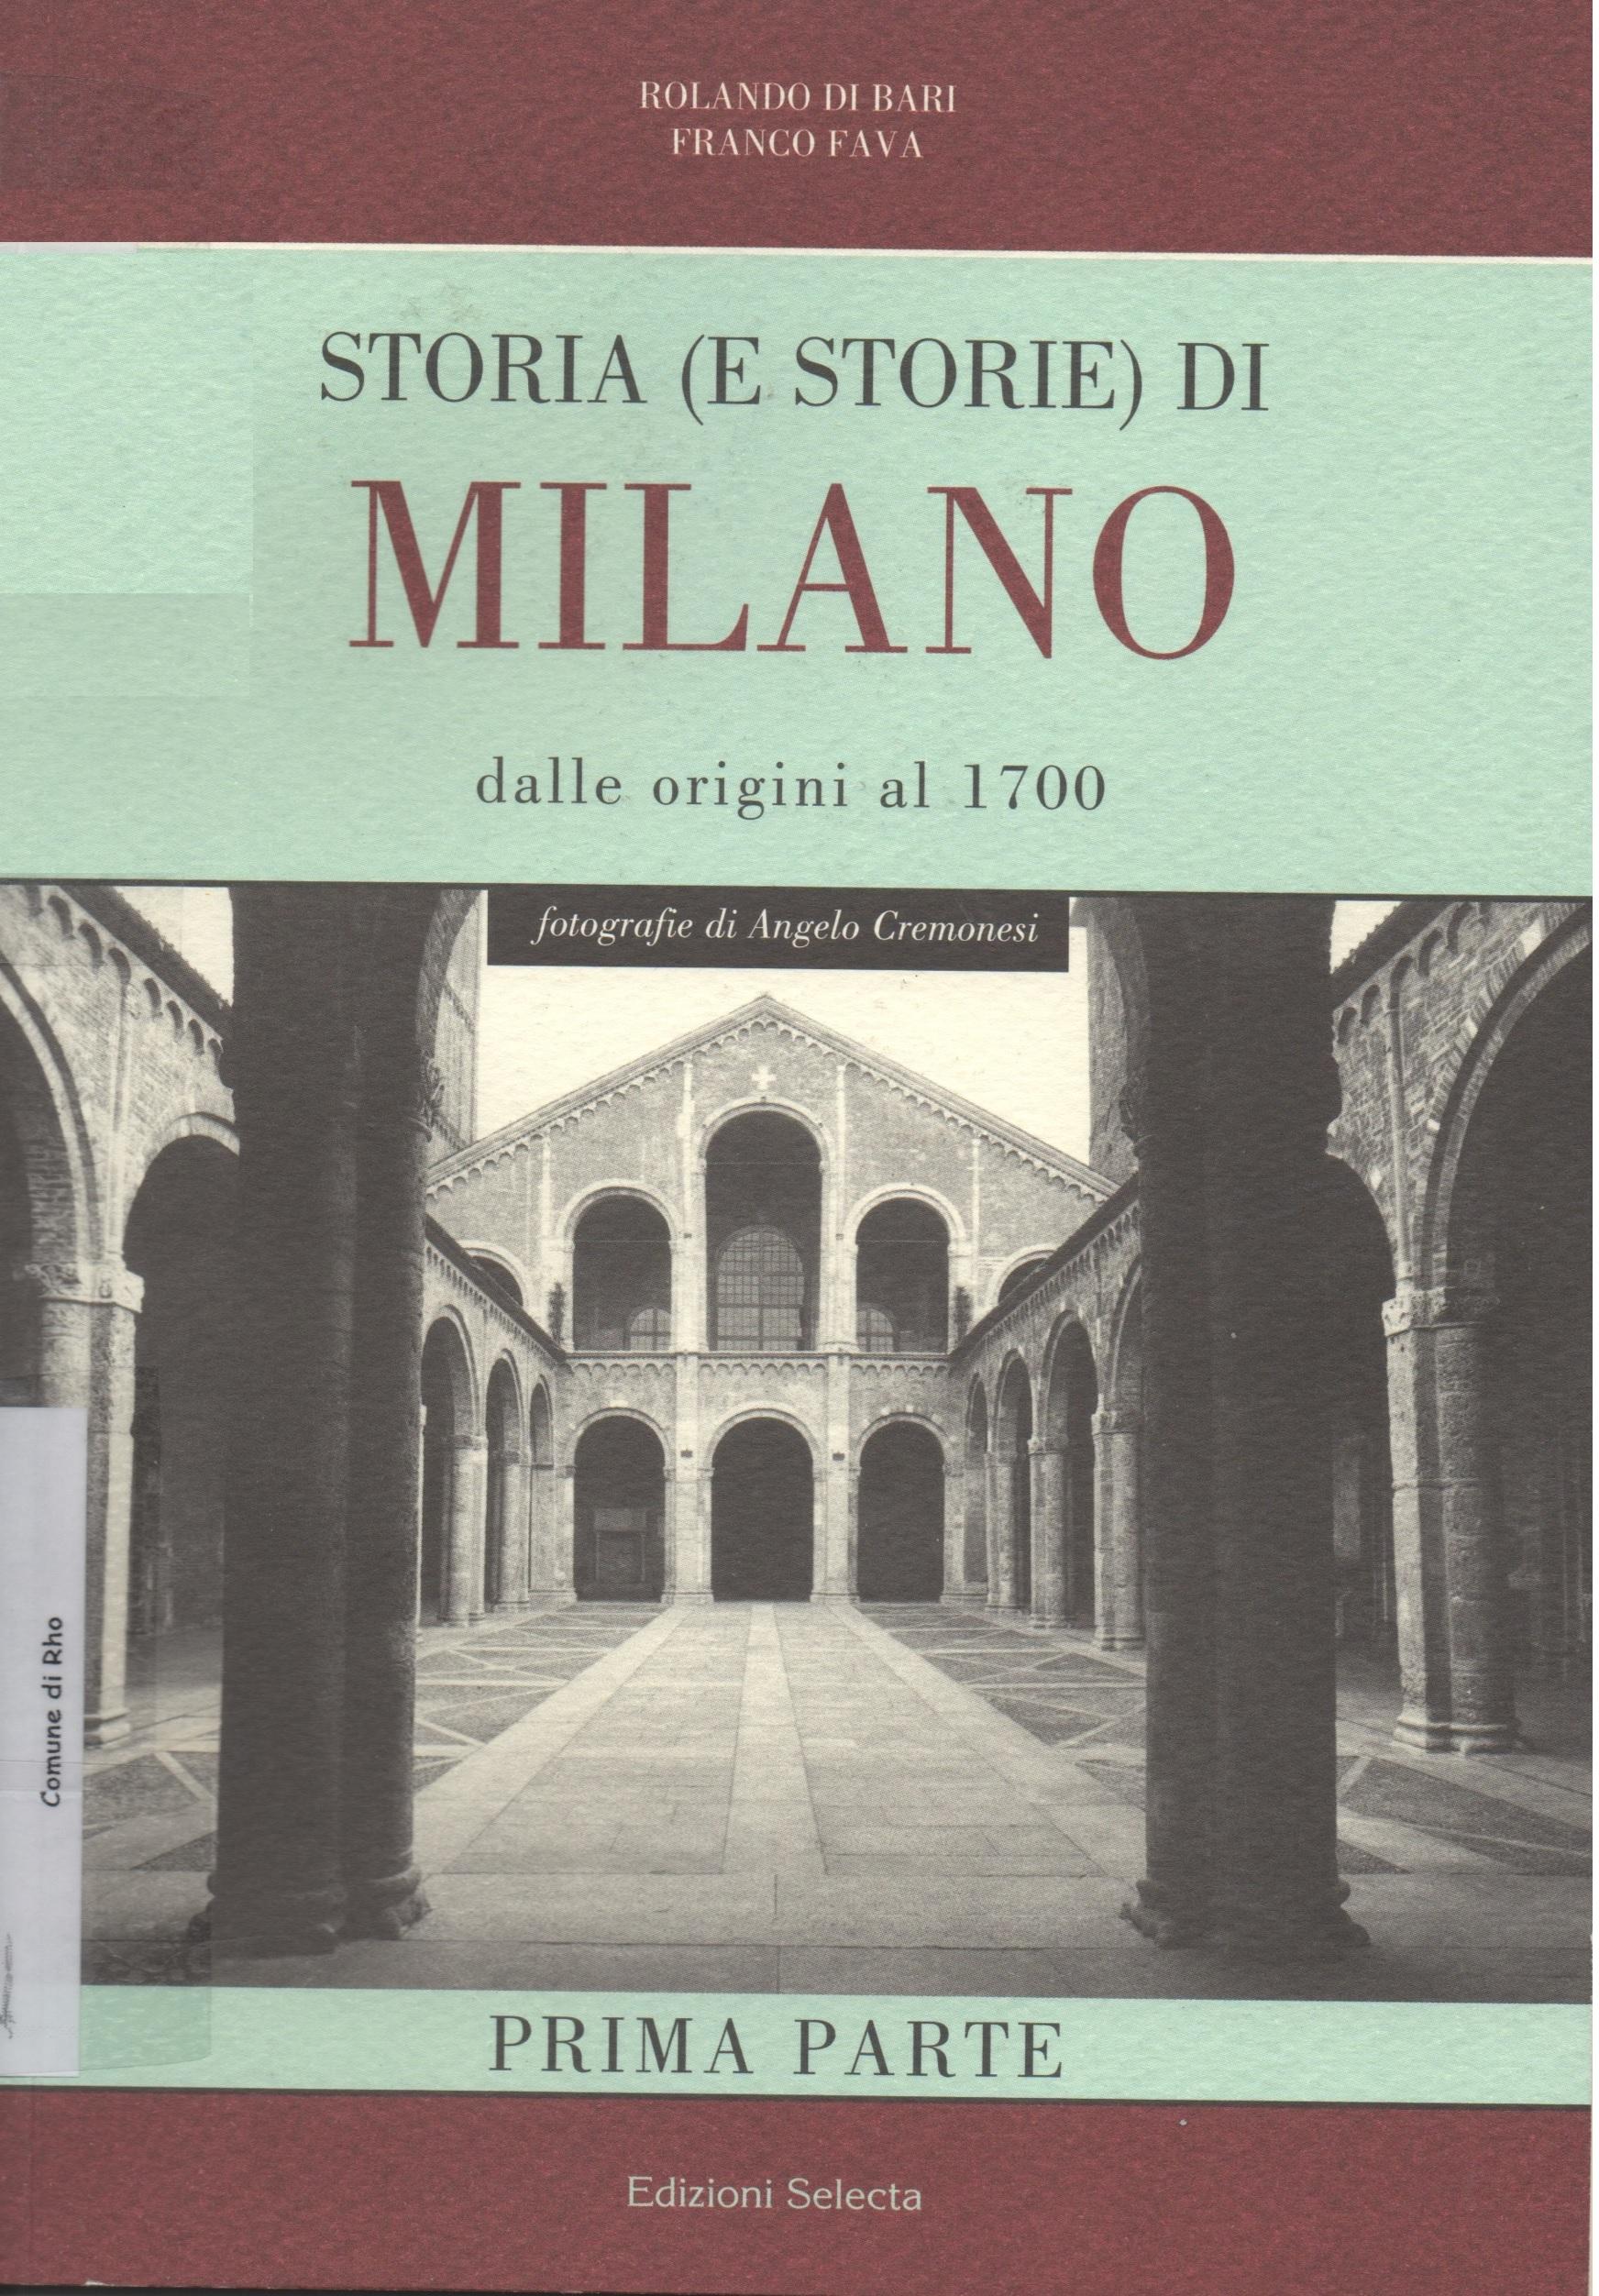 Storia (e storie) di Milano